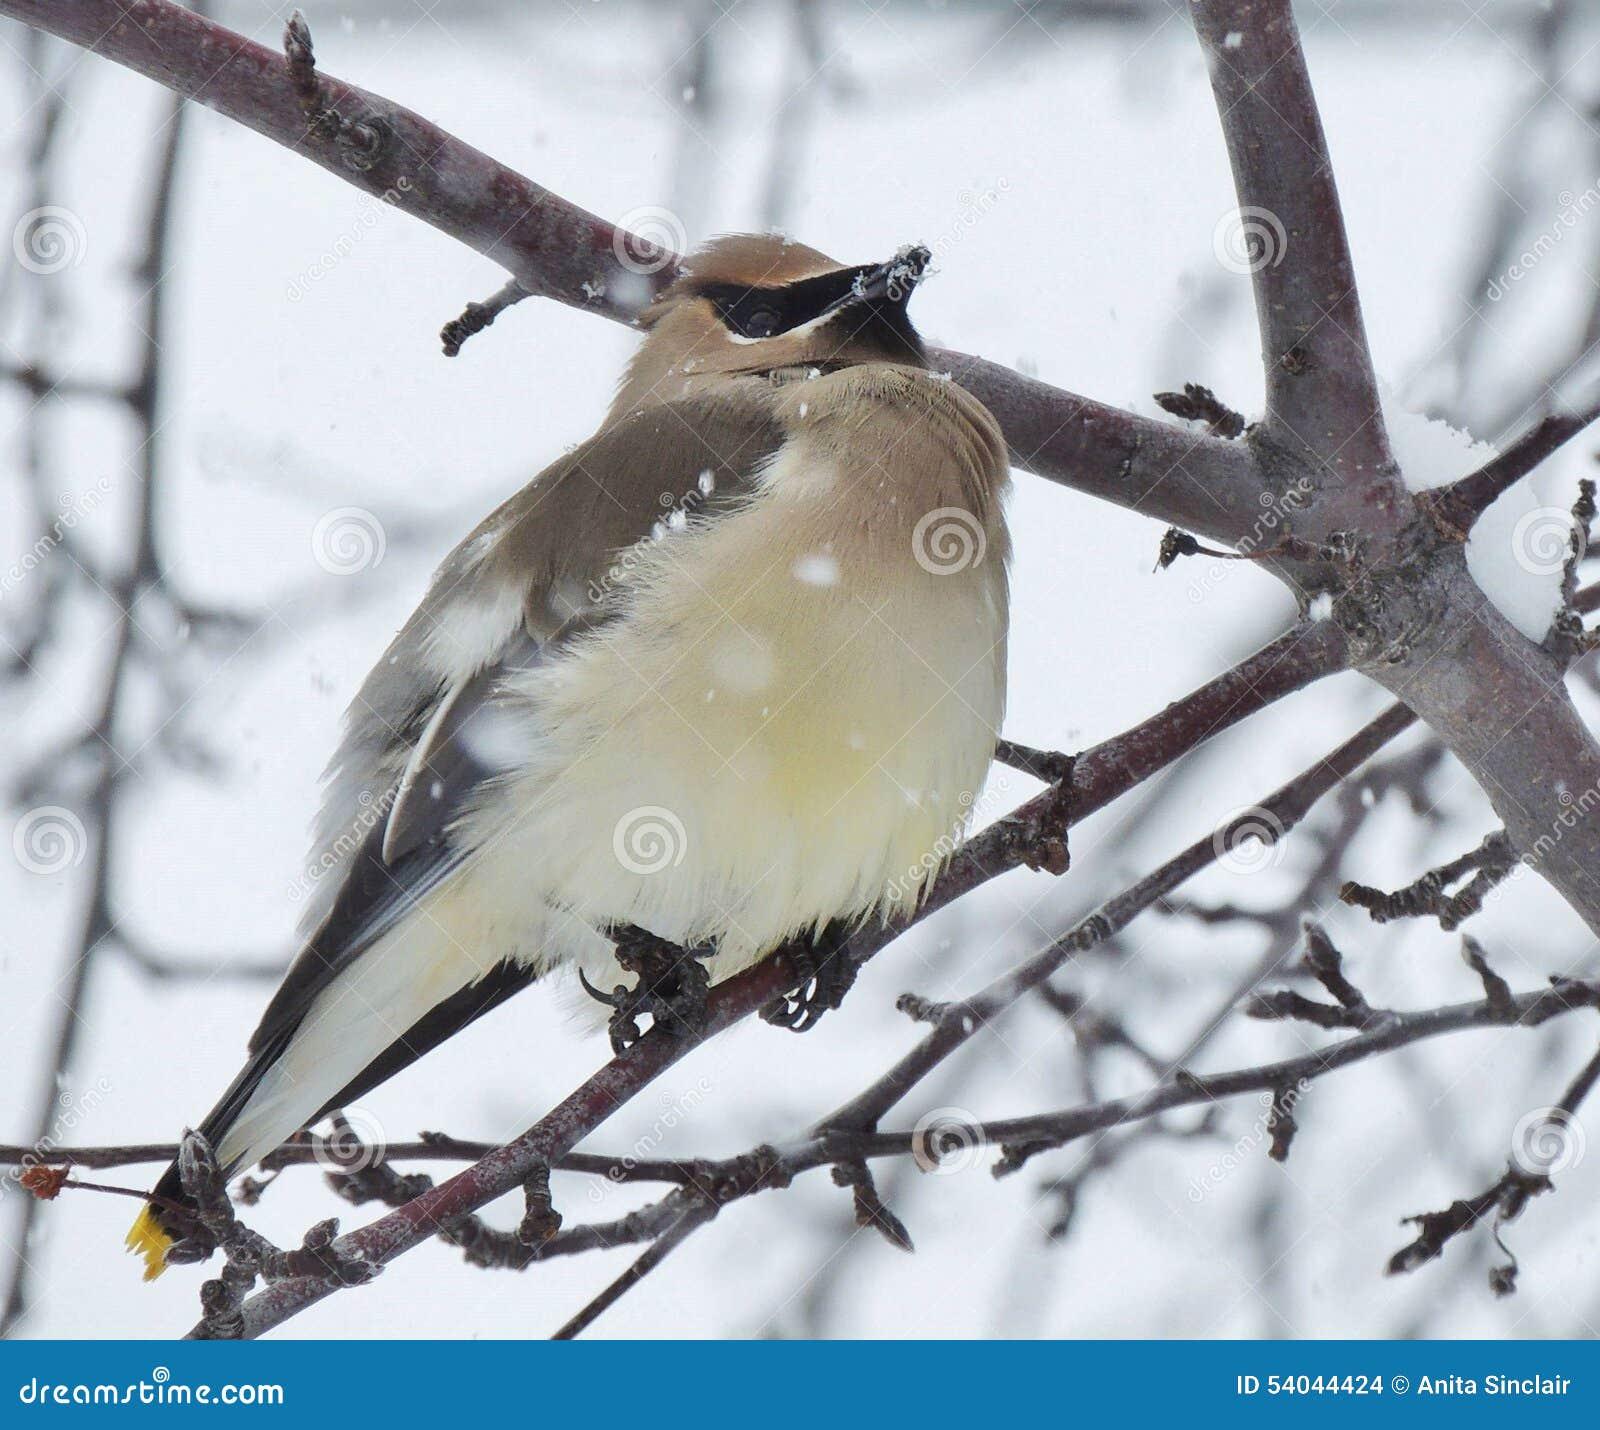 Малая птица, богемский Waxwing, окуни среди ветвей неурожайного дерева на снежный день